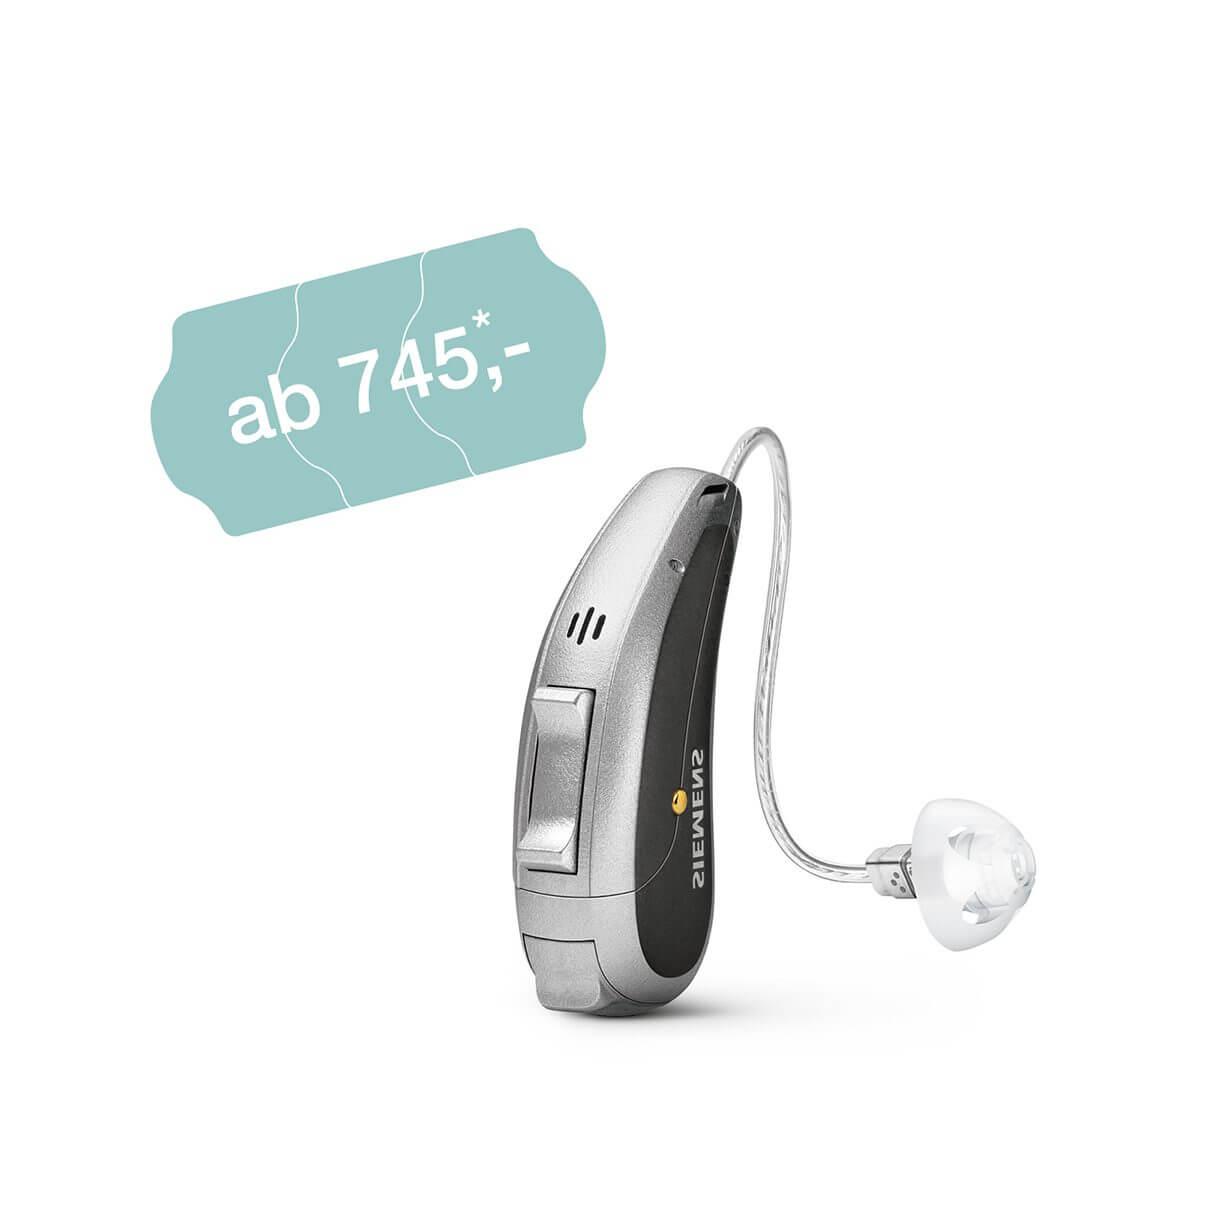 Hörgerät-Preise_Standard_KK